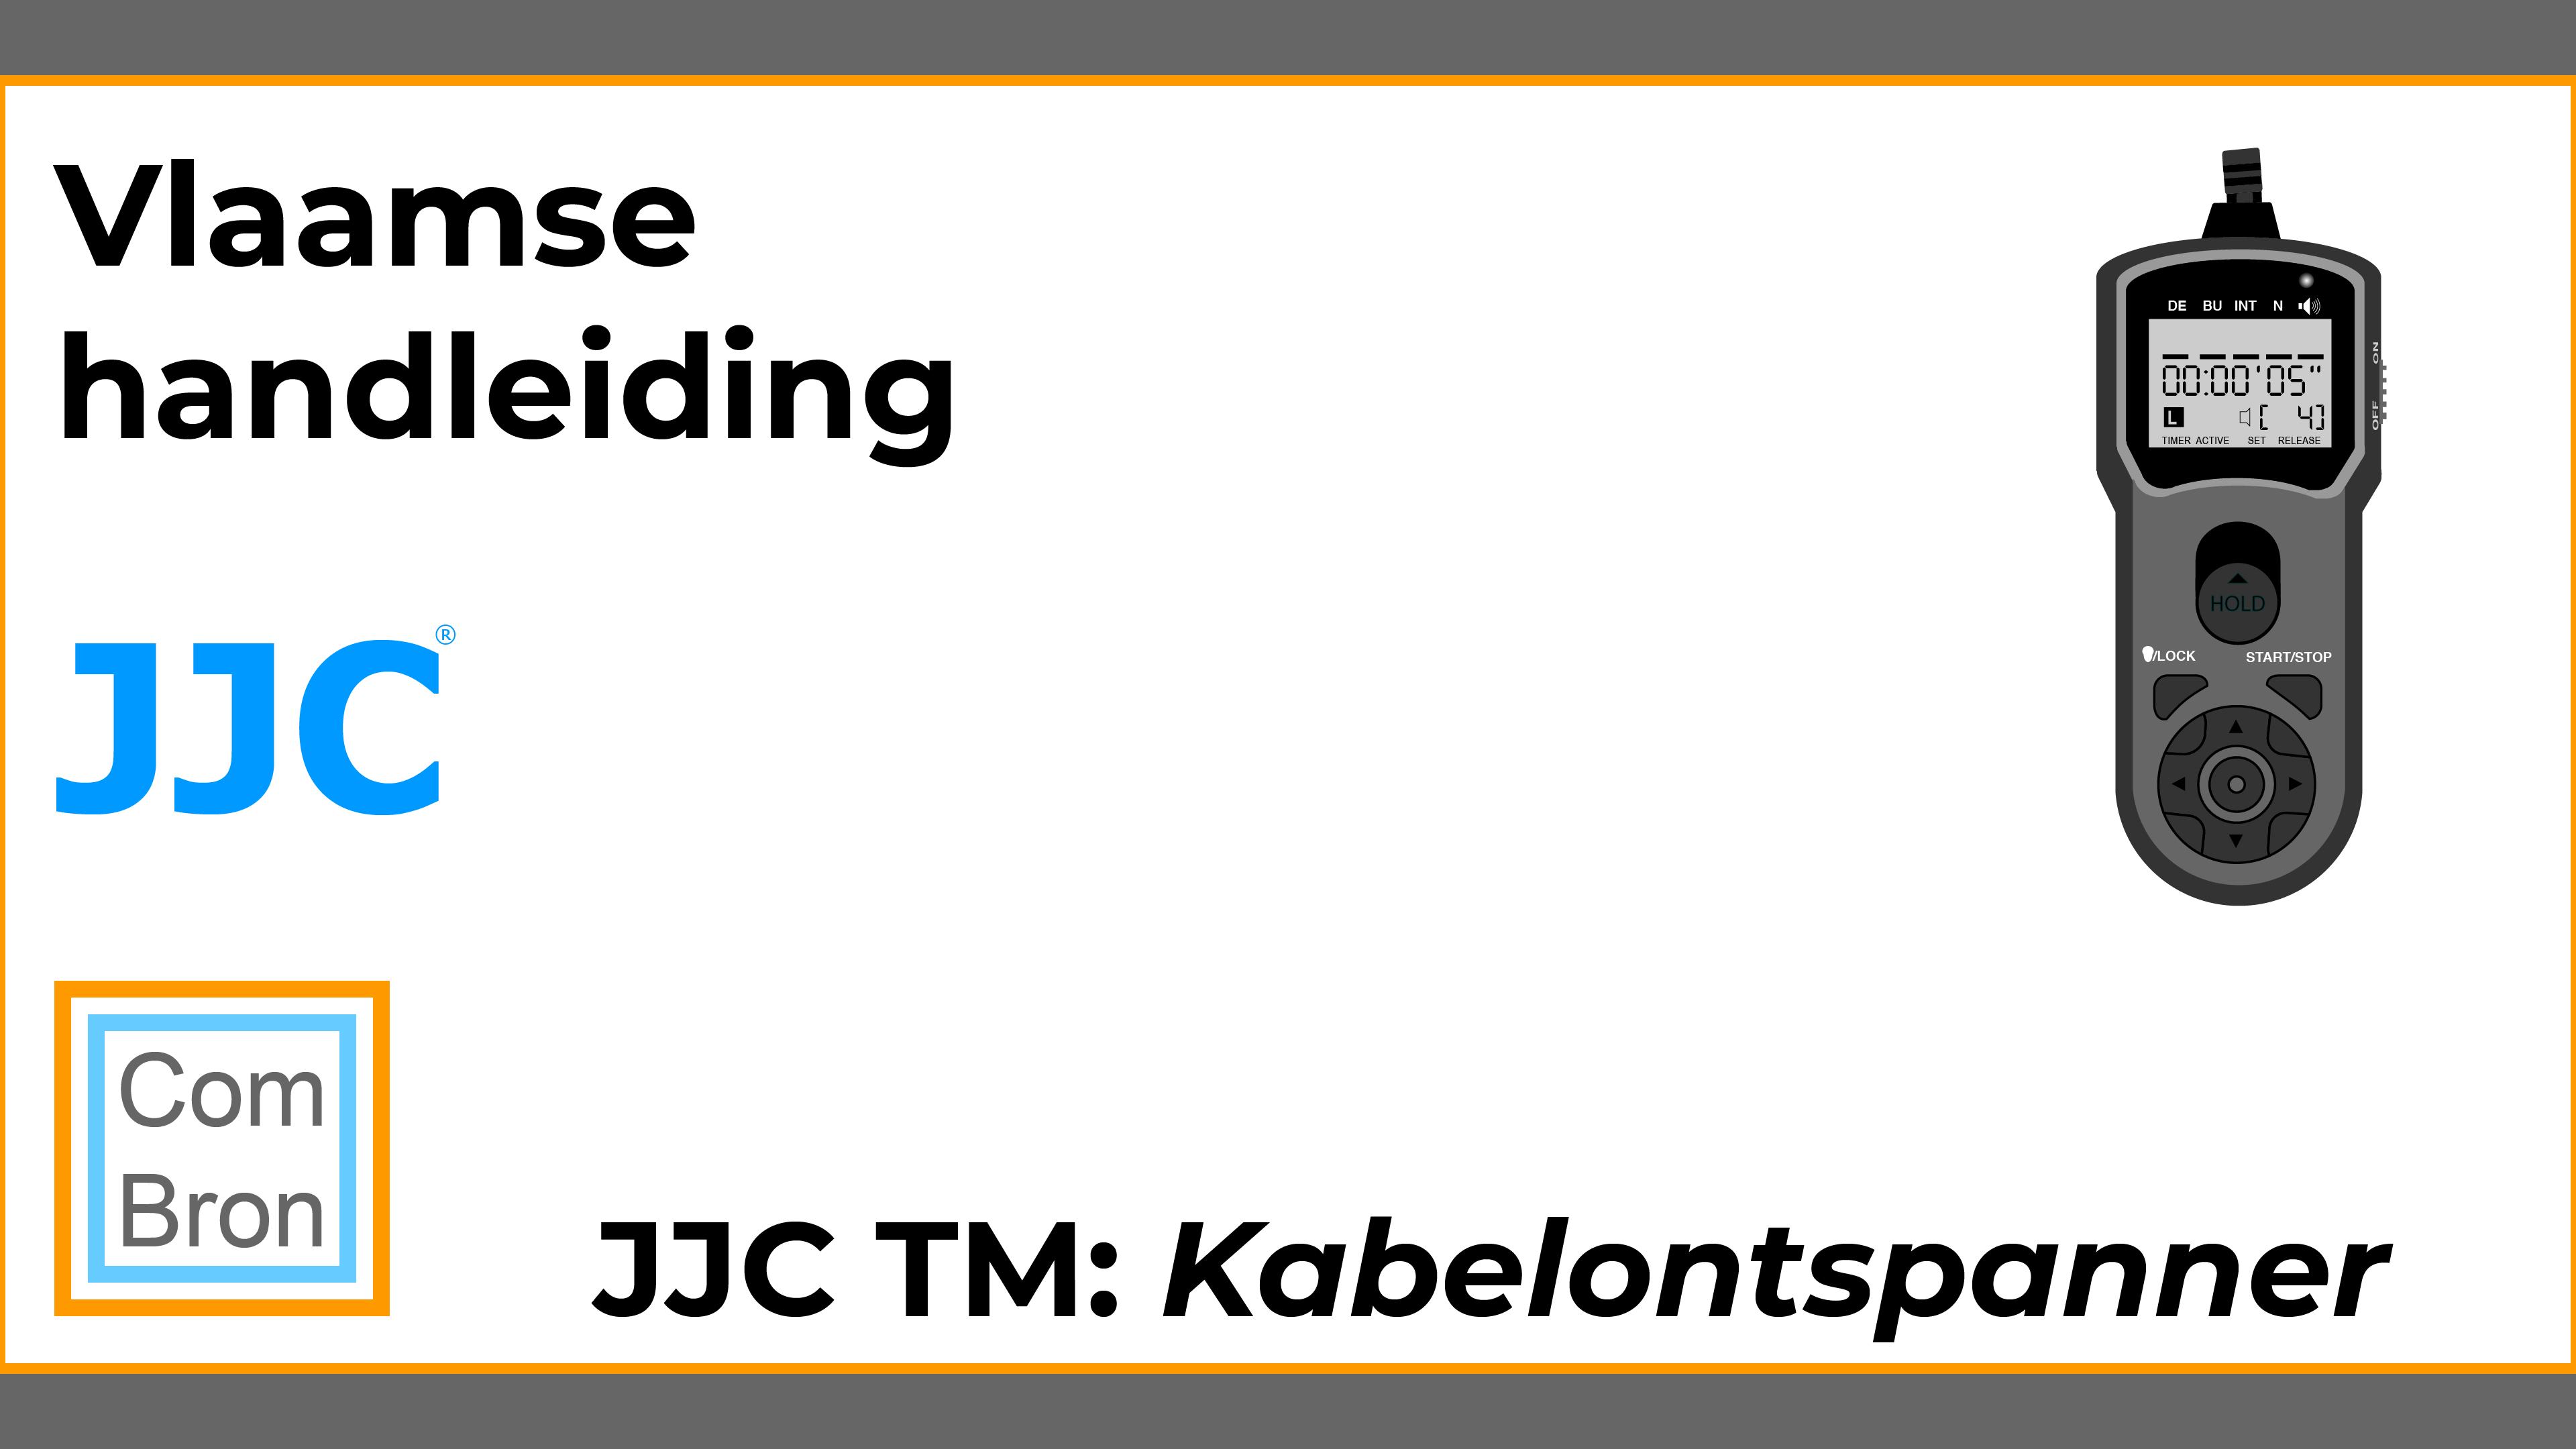 JJC TM gebruiken als draadontspanner of kabelontspanner.